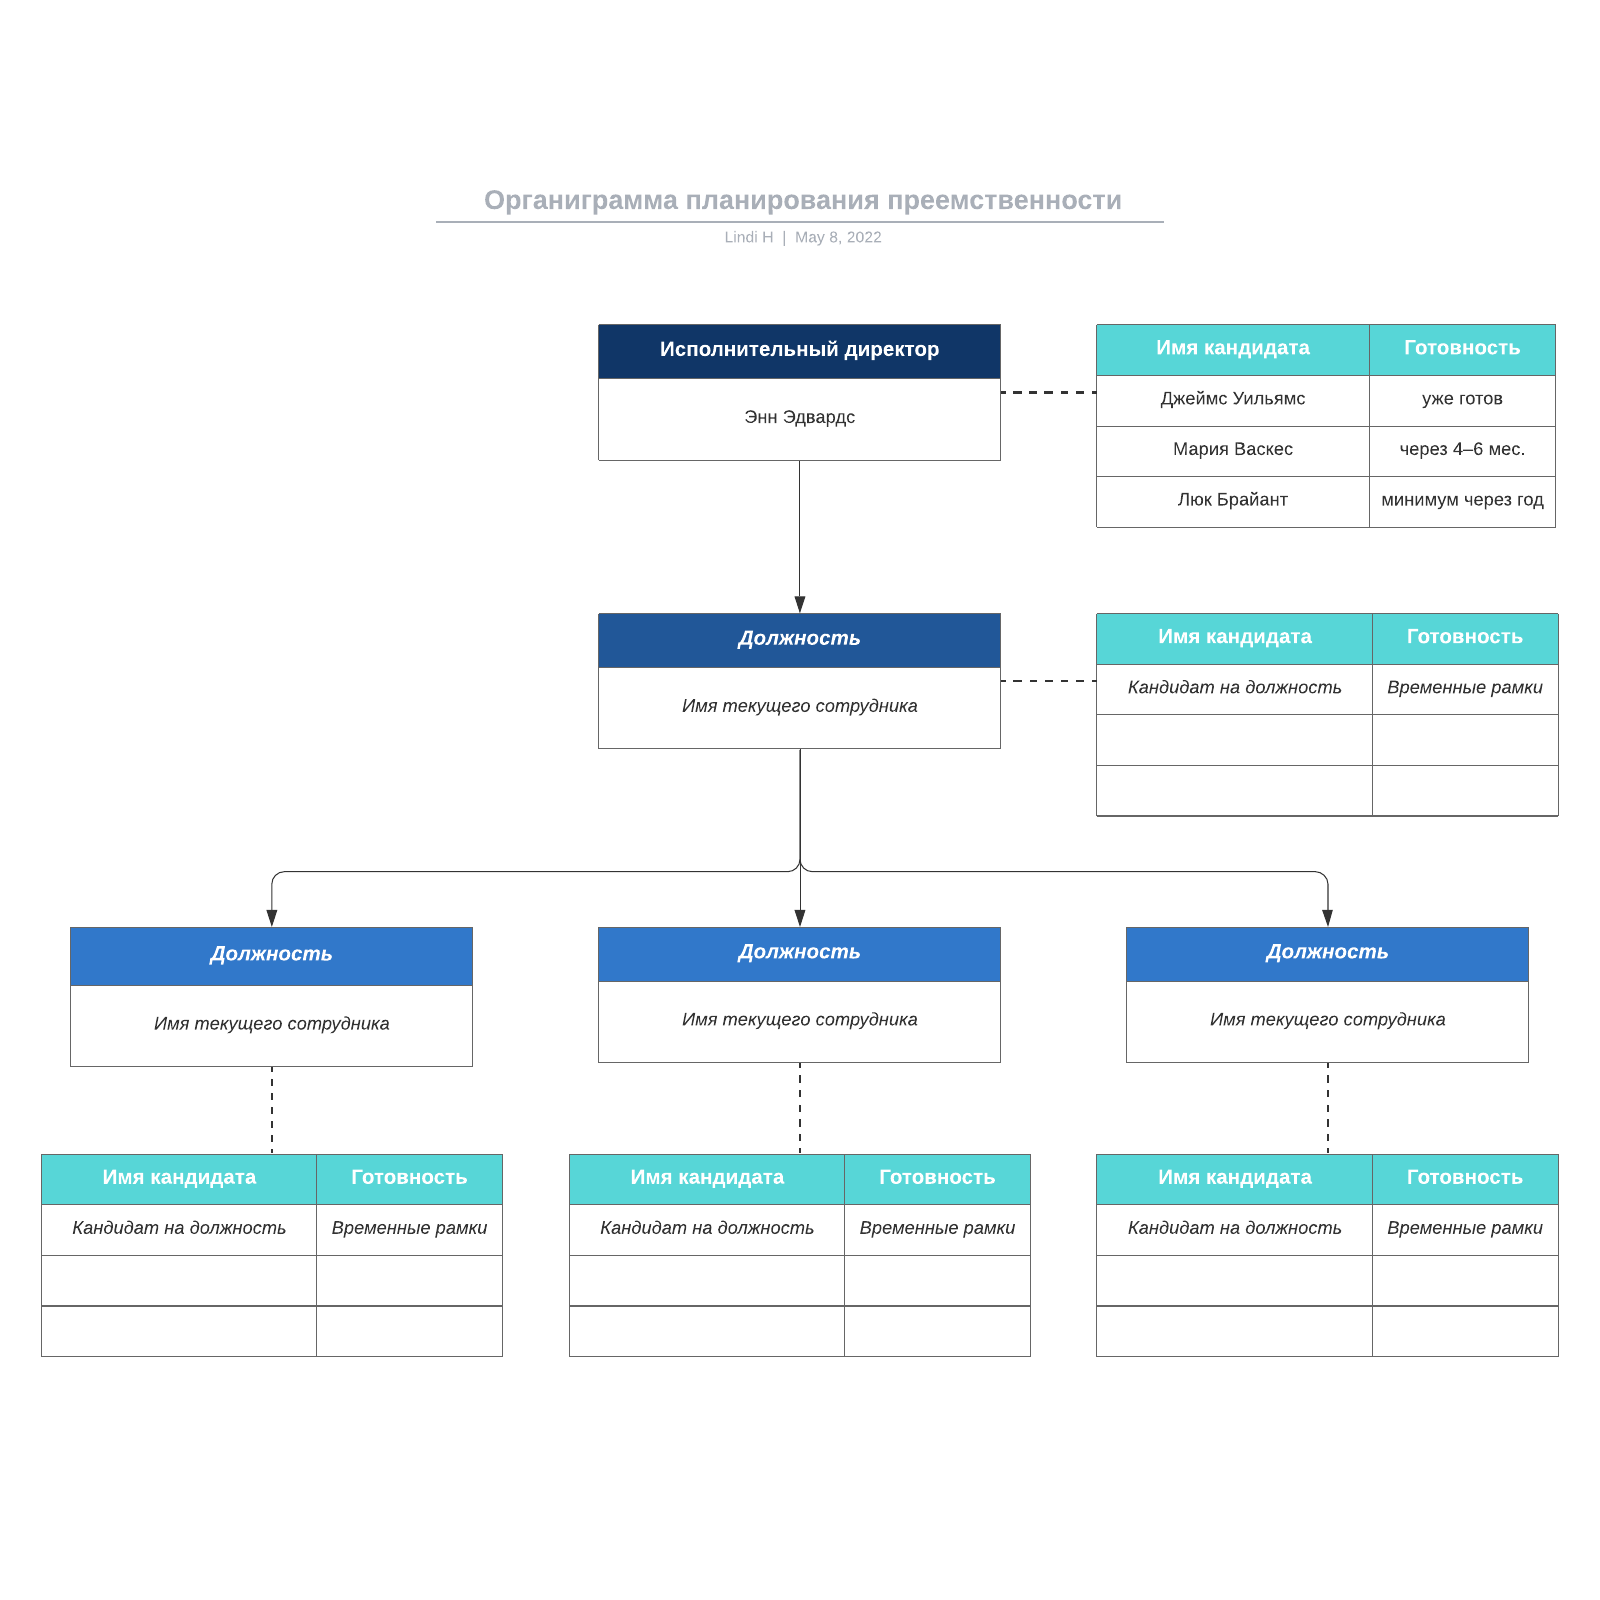 Органиграмма планирования преемственности